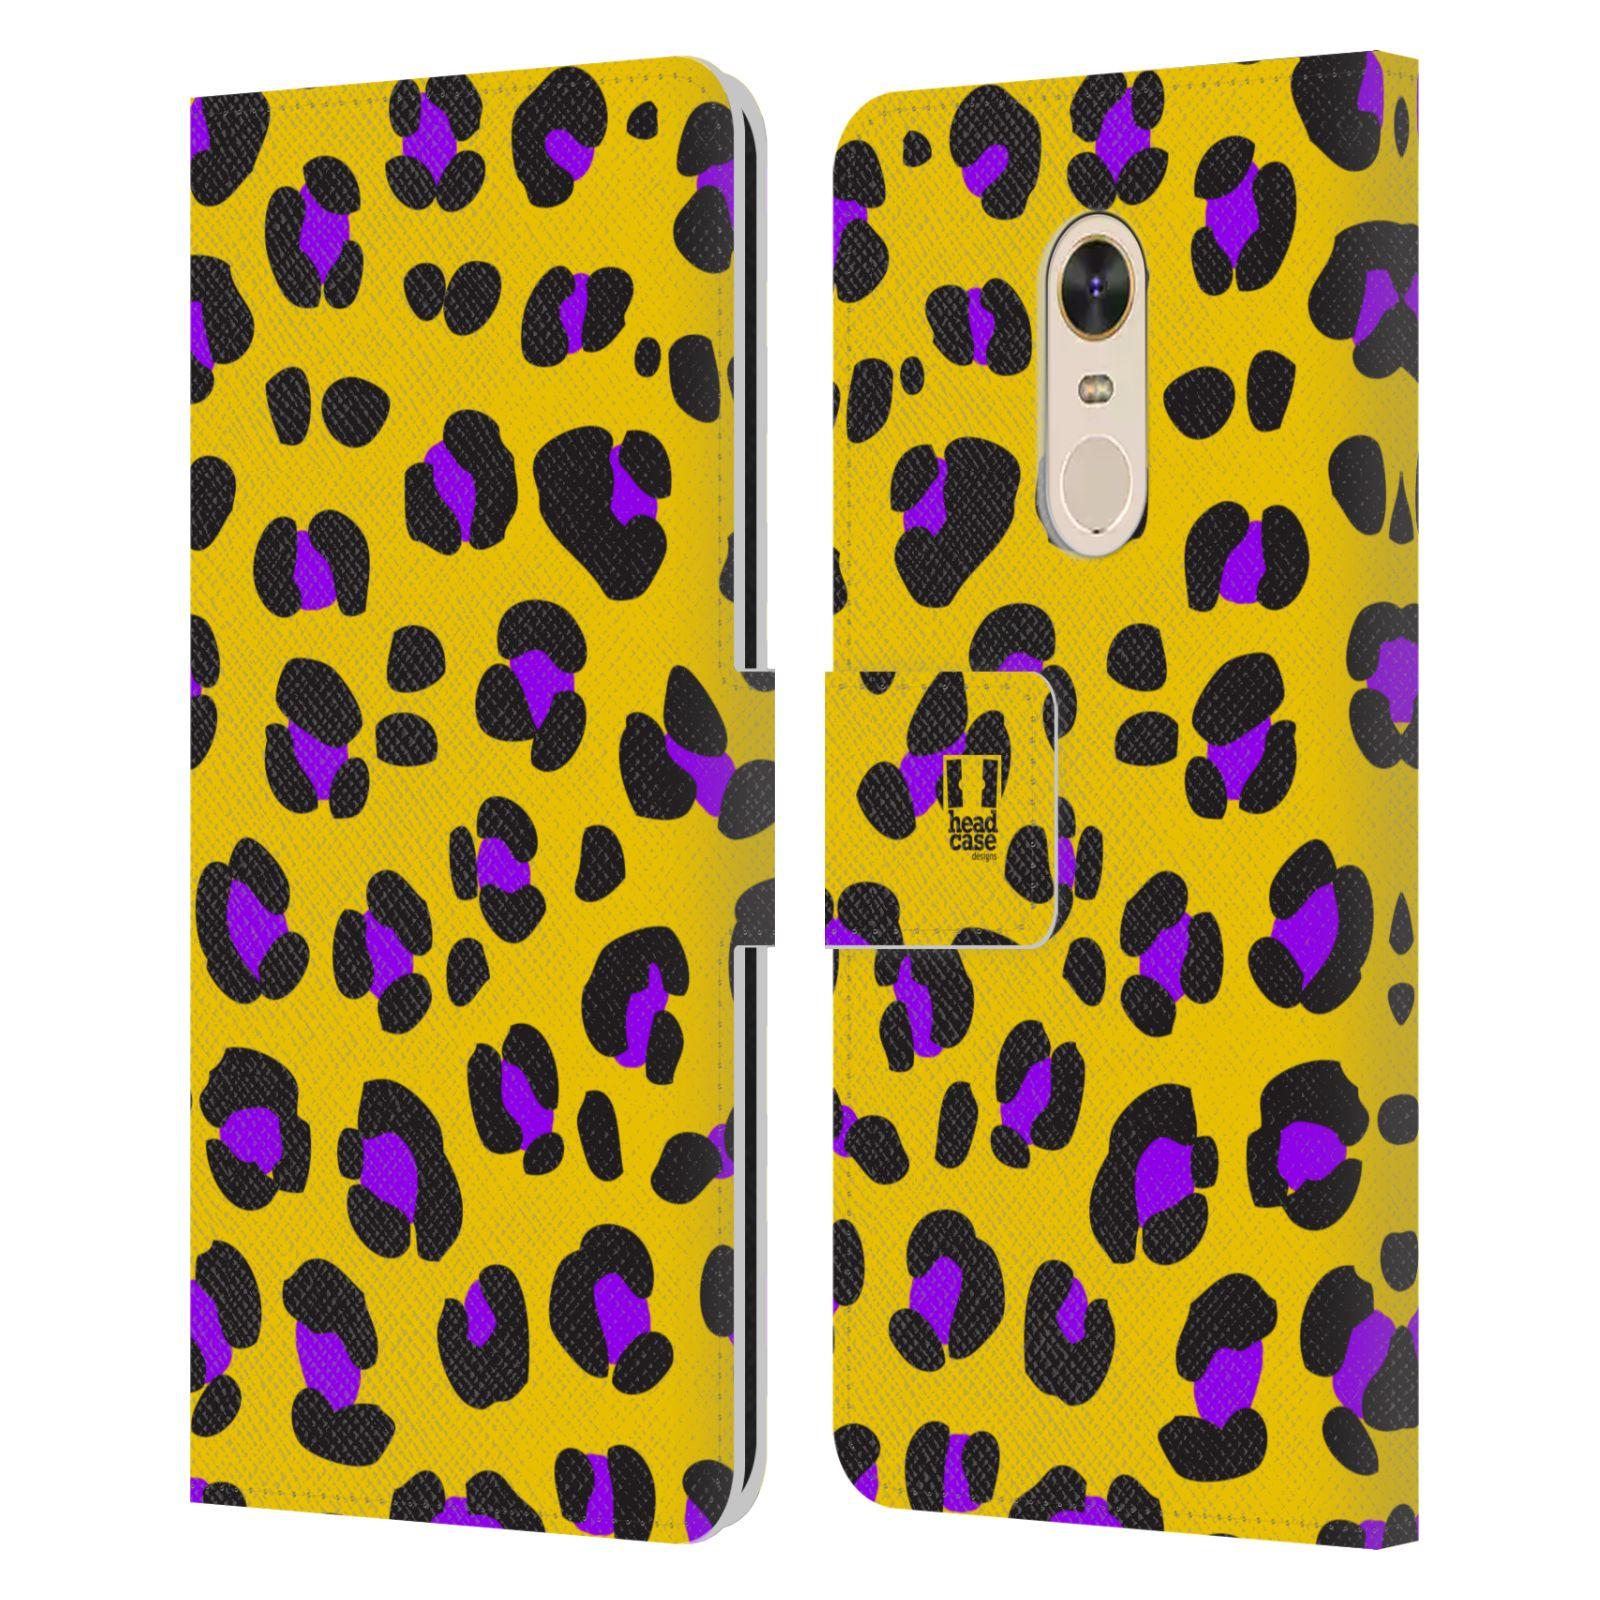 HEAD CASE Flipové pouzdro pro mobil Xiaomi Redmi 5 PLUS Zvířecí barevné vzory žlutý leopard fialové skvrny